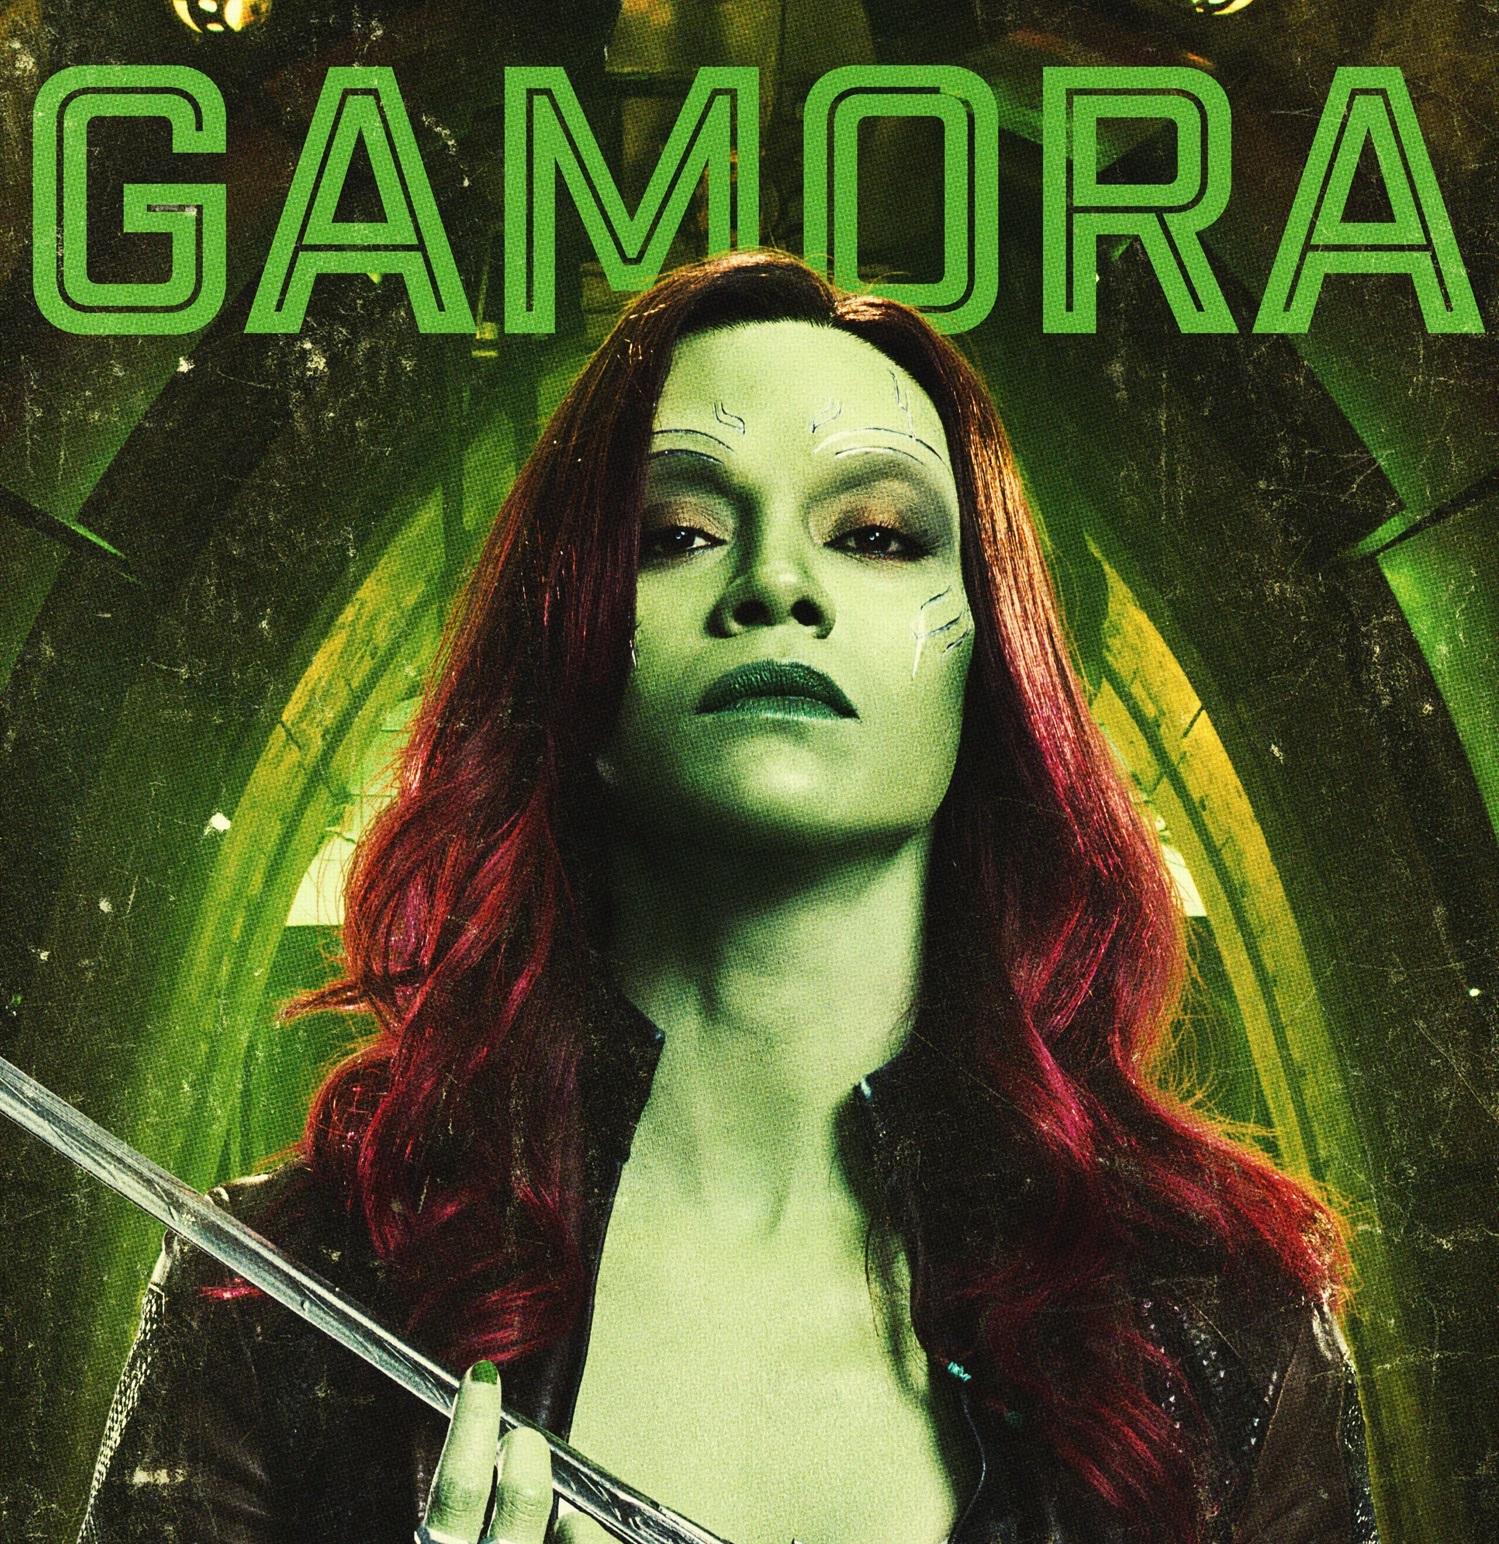 Personajes de Guardianes de la Galaxia (Gamora)